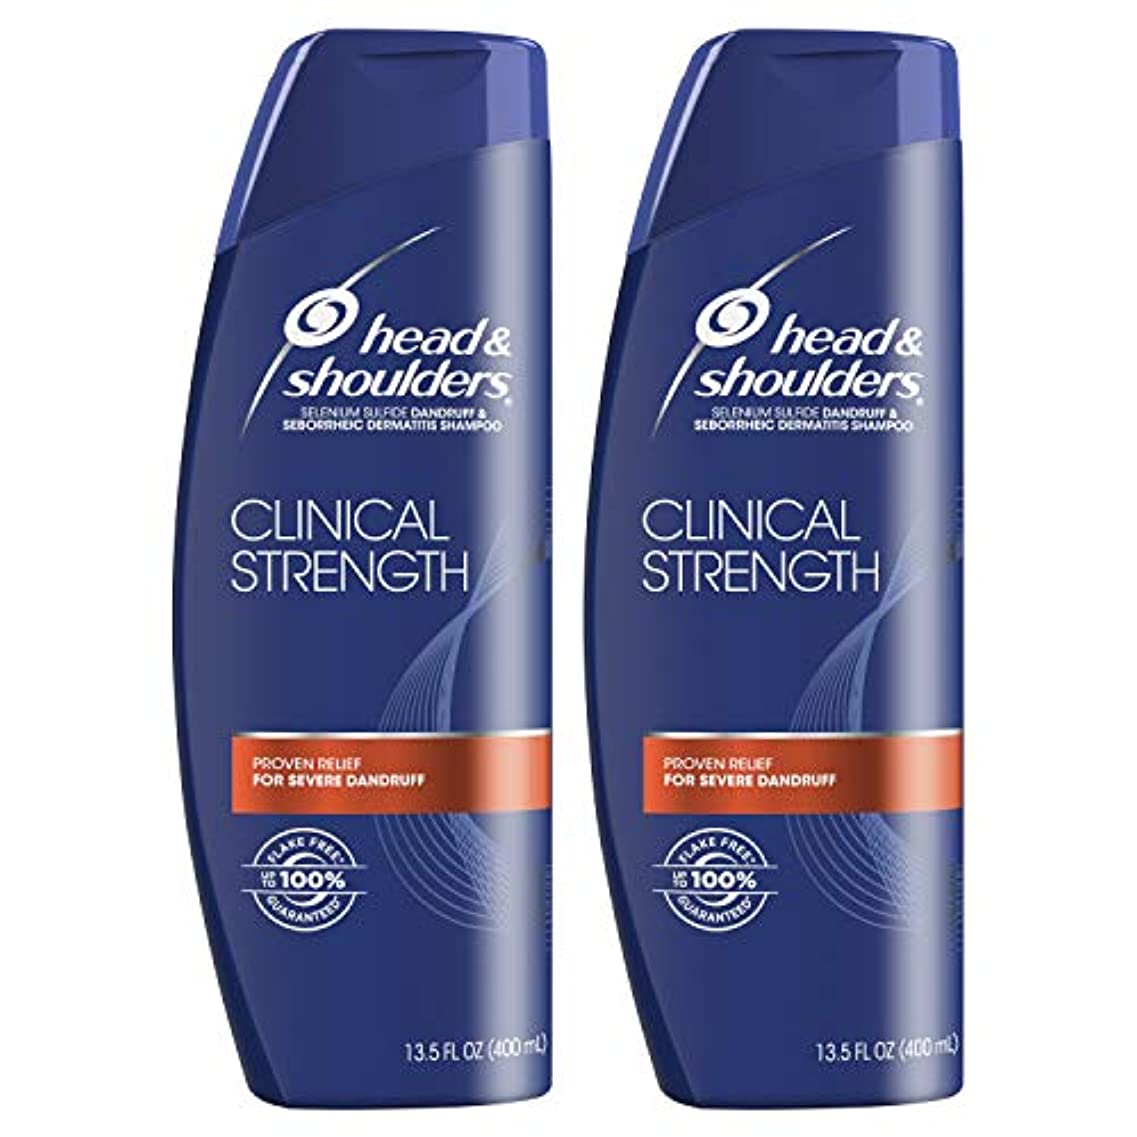 代理店むき出し教育学Head and Shoulders Clinical Strength Dandruff and Seborrheic Dermatitisシャンプー、13.5 FL OZ